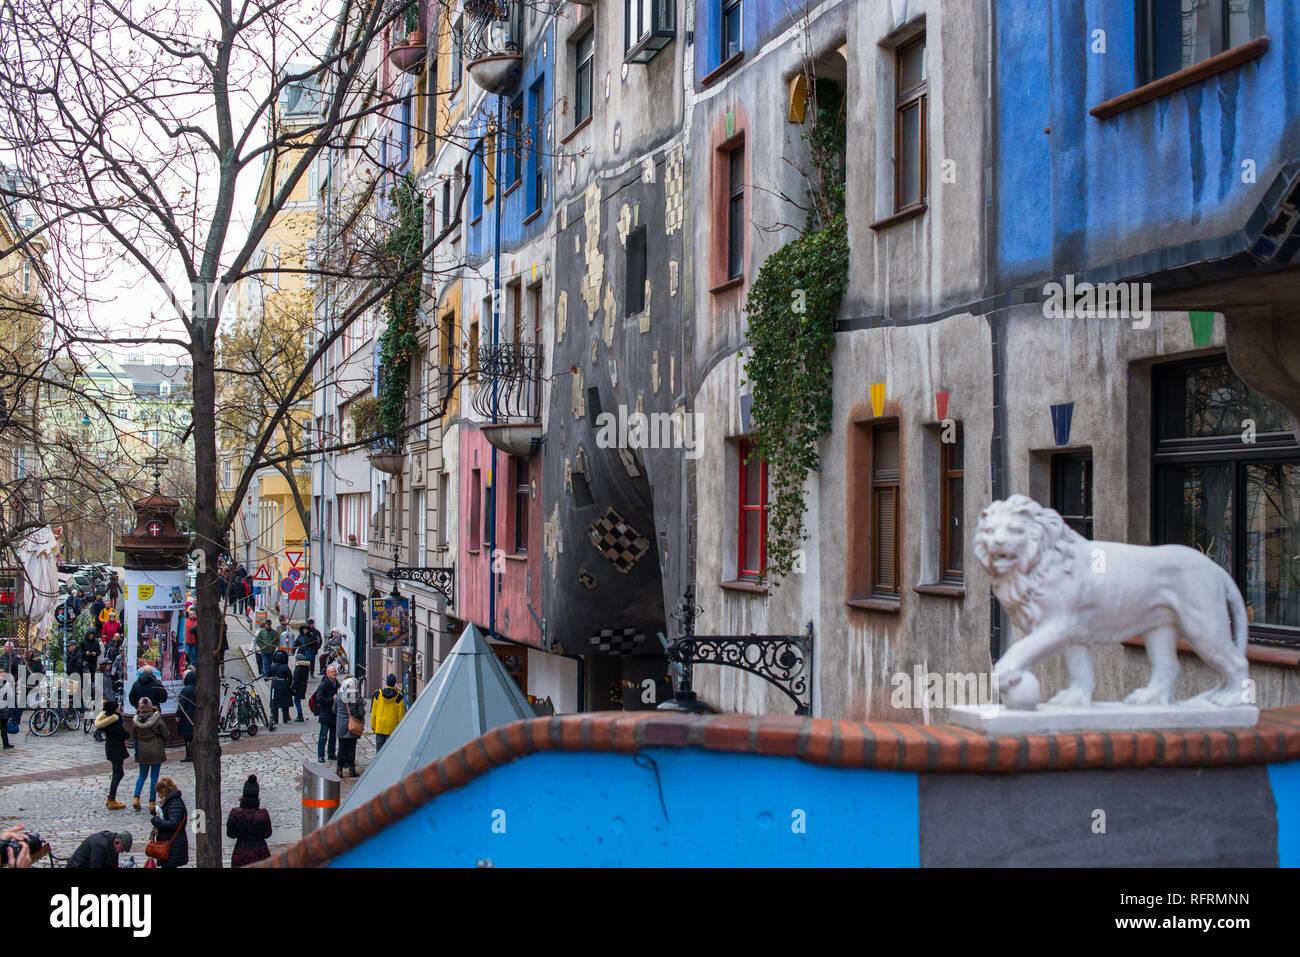 Hundertwasserhaus, expressionist landmark and public housing, designed by architect Friedenreich Hundertwasser in Vienna. Austria. - Stock Image